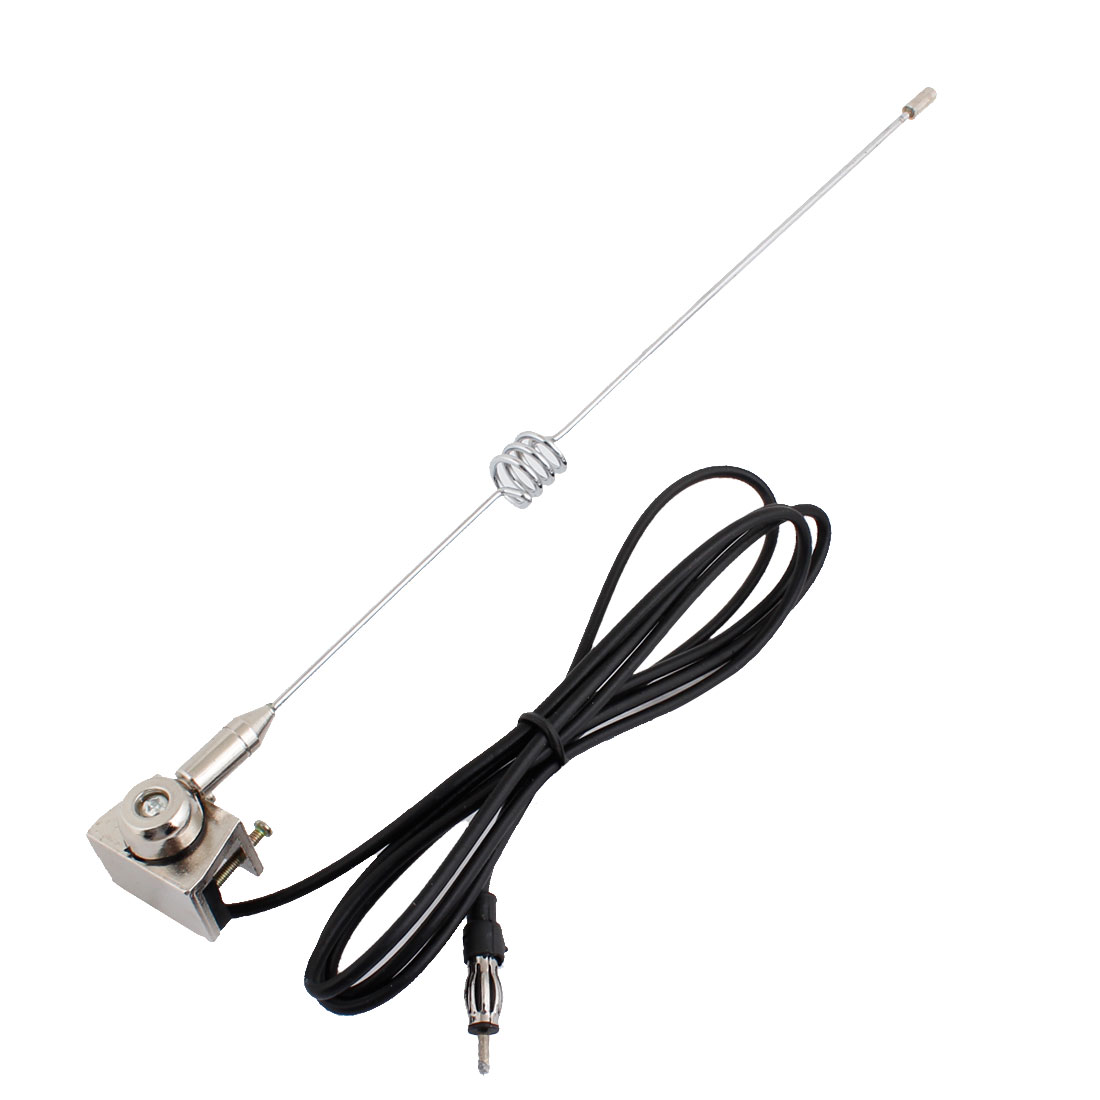 Silver Tone Screw Mount Single Pole Car Signal Radio FM AM